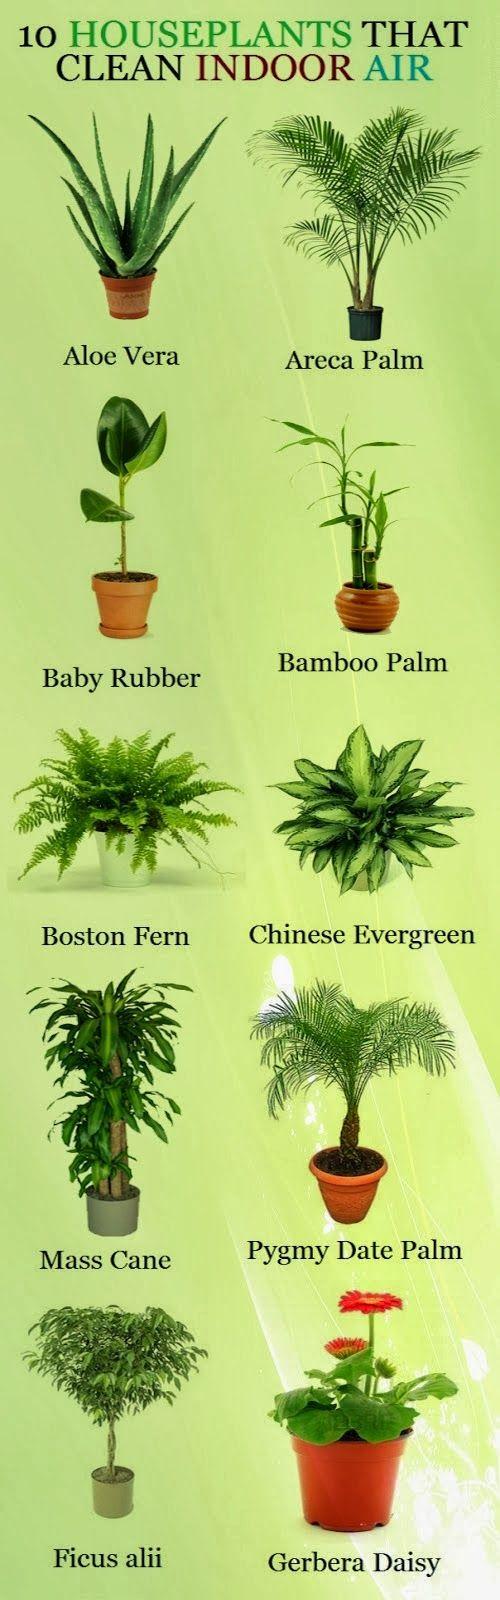 Alternative Gardning: Ten Houseplants That Clean Indoor Air